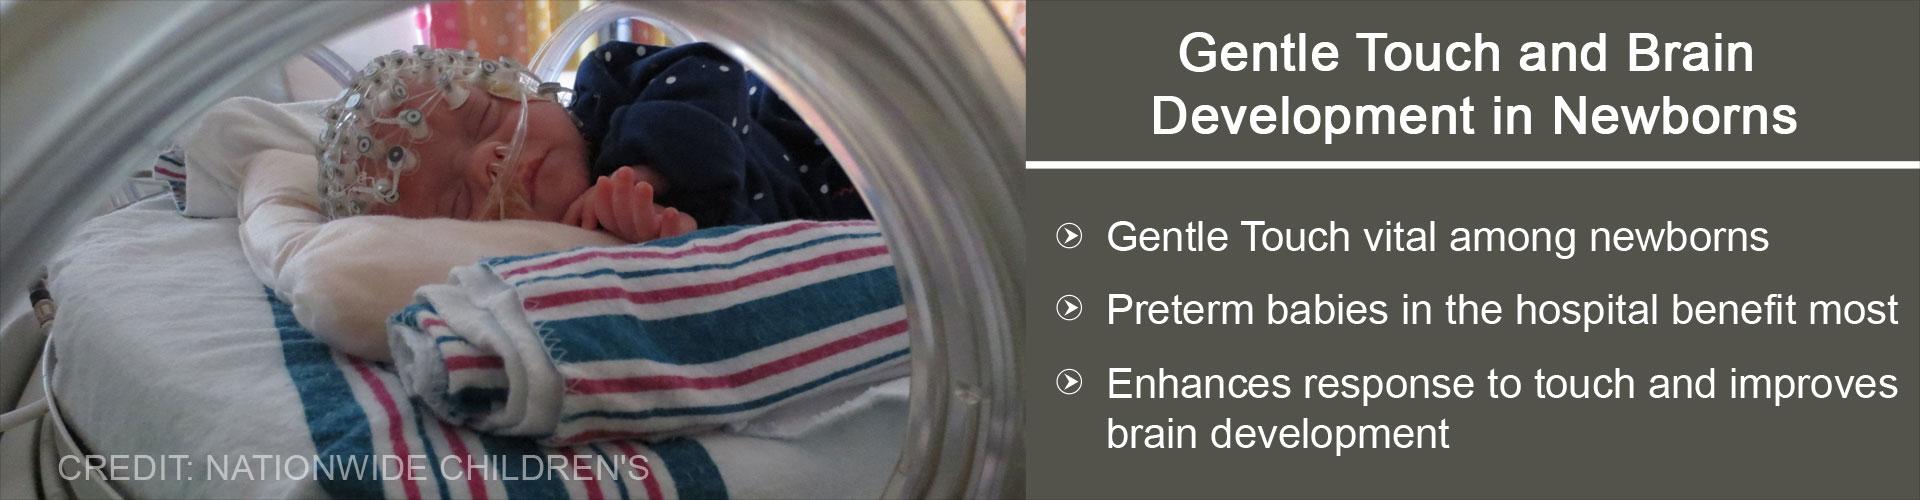 Brain Development in Newborns Improves With Gentle Touch